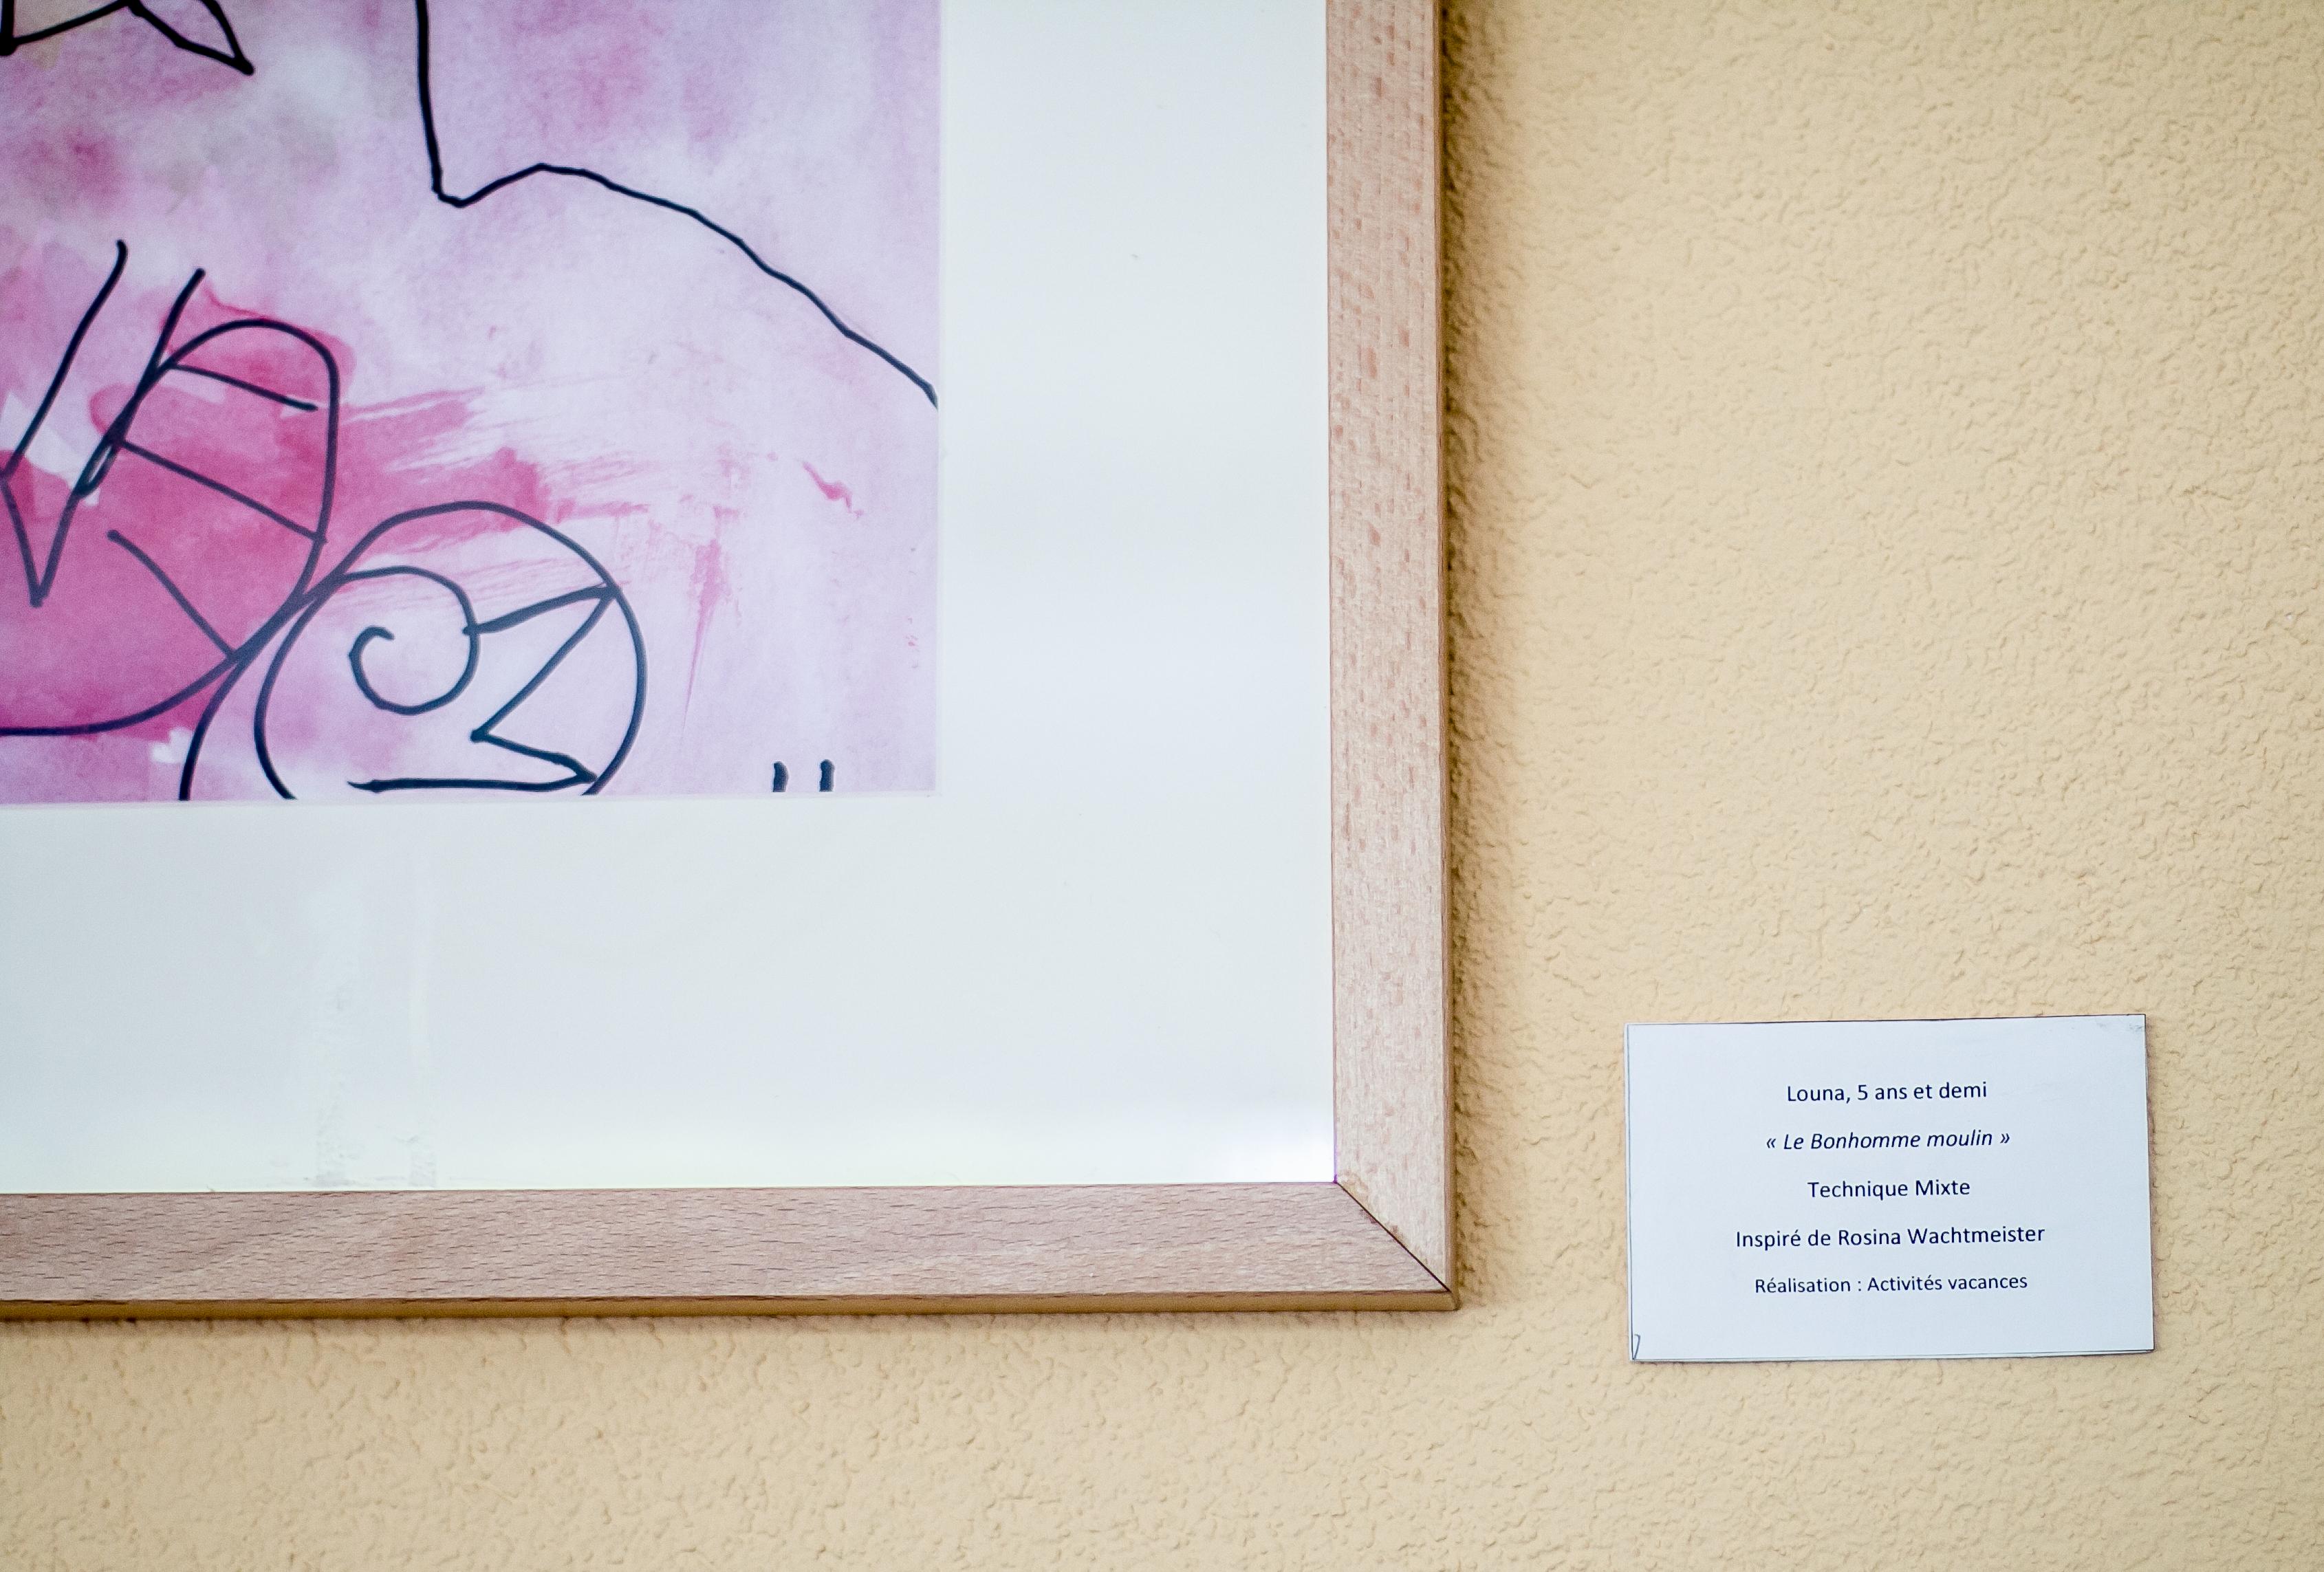 exposition des p'tits artistes